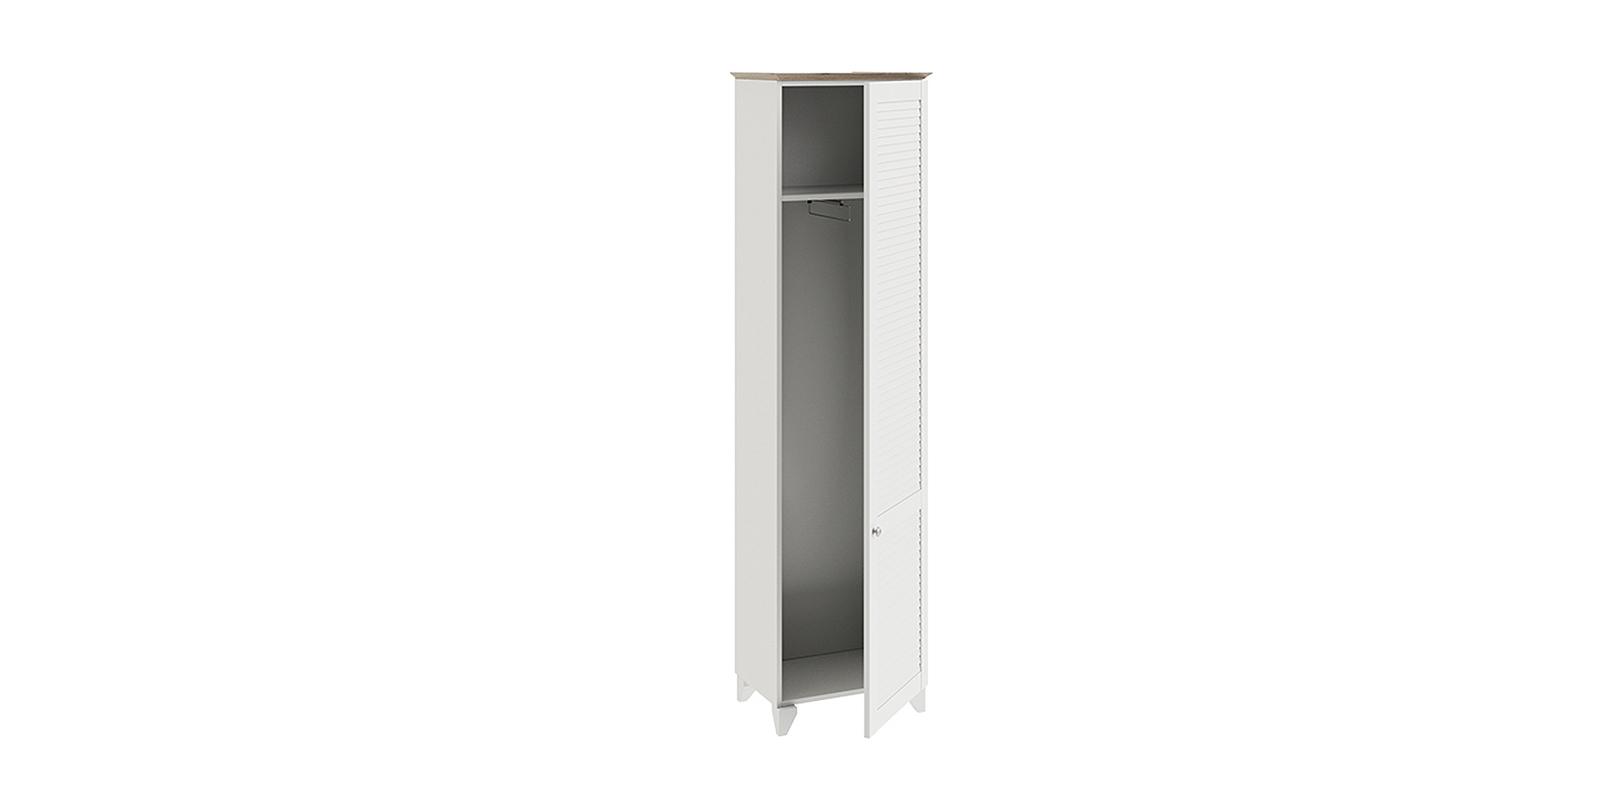 Шкаф распашной однодверный Мерида вариант №1 (дуб бежевый/белый)